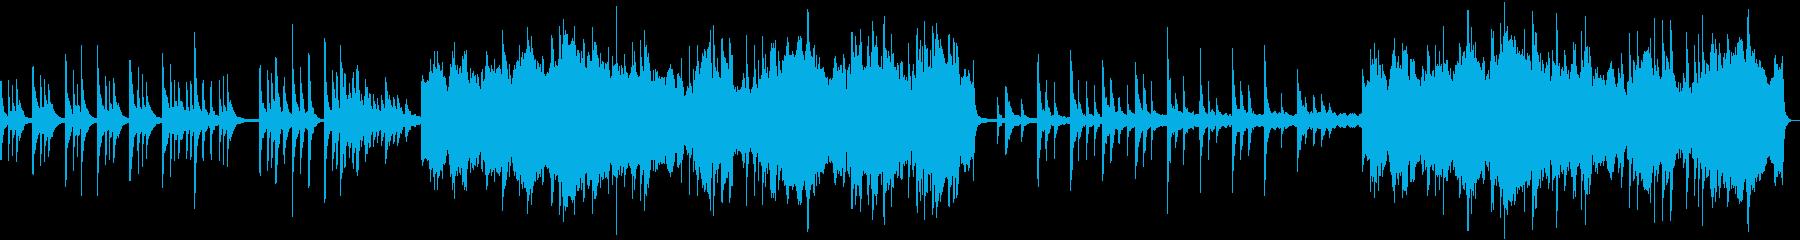 刻々と旋律を刻む静かで力強いピアノ音楽の再生済みの波形